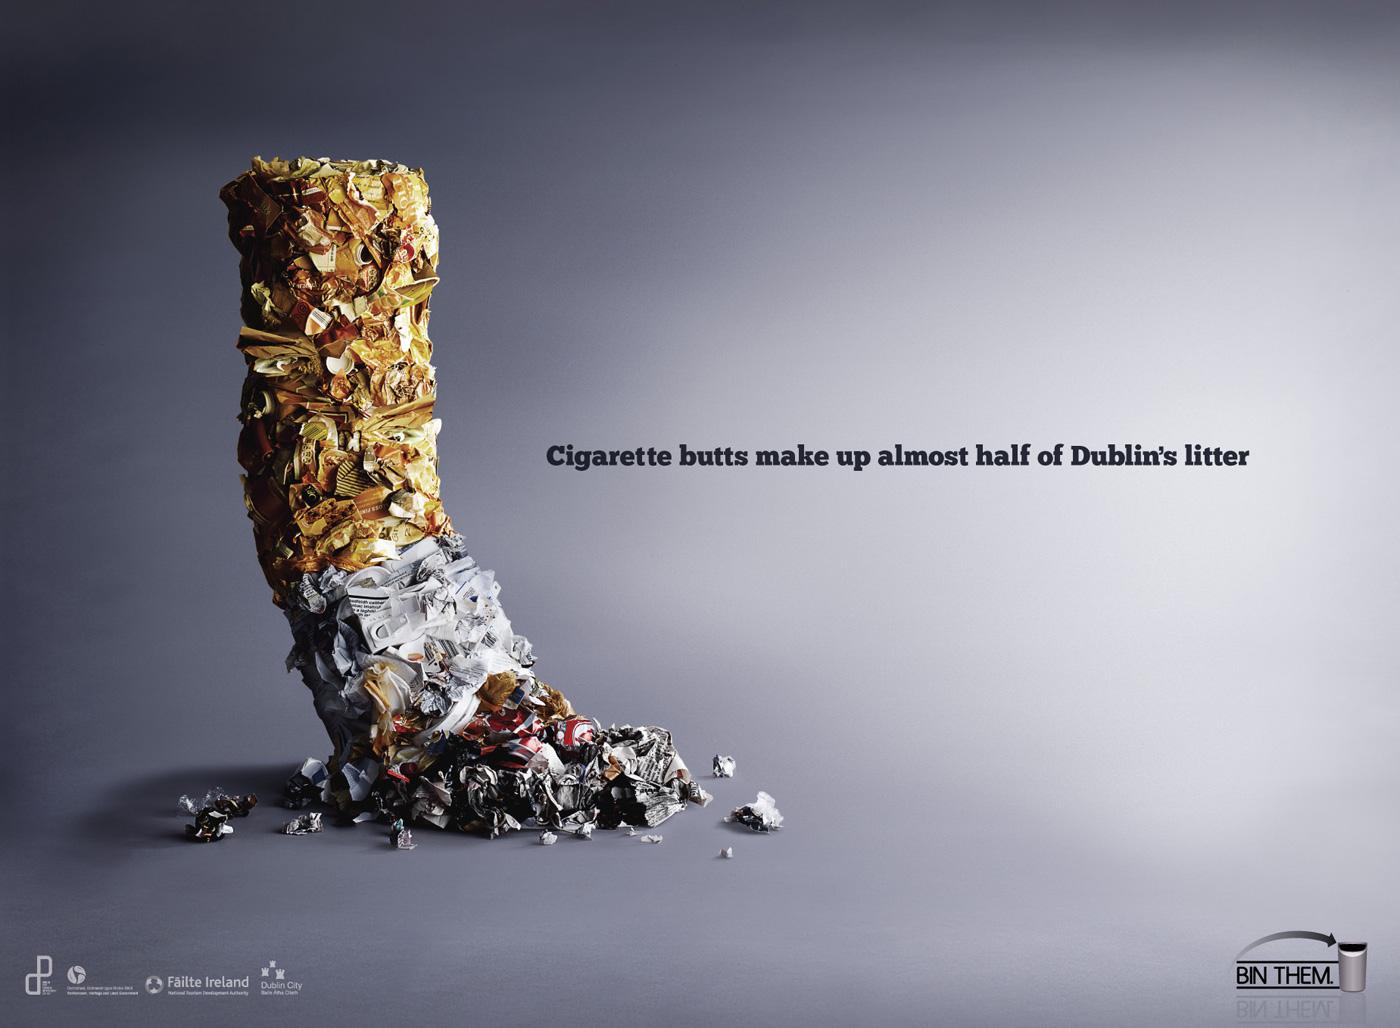 آگهی PSA